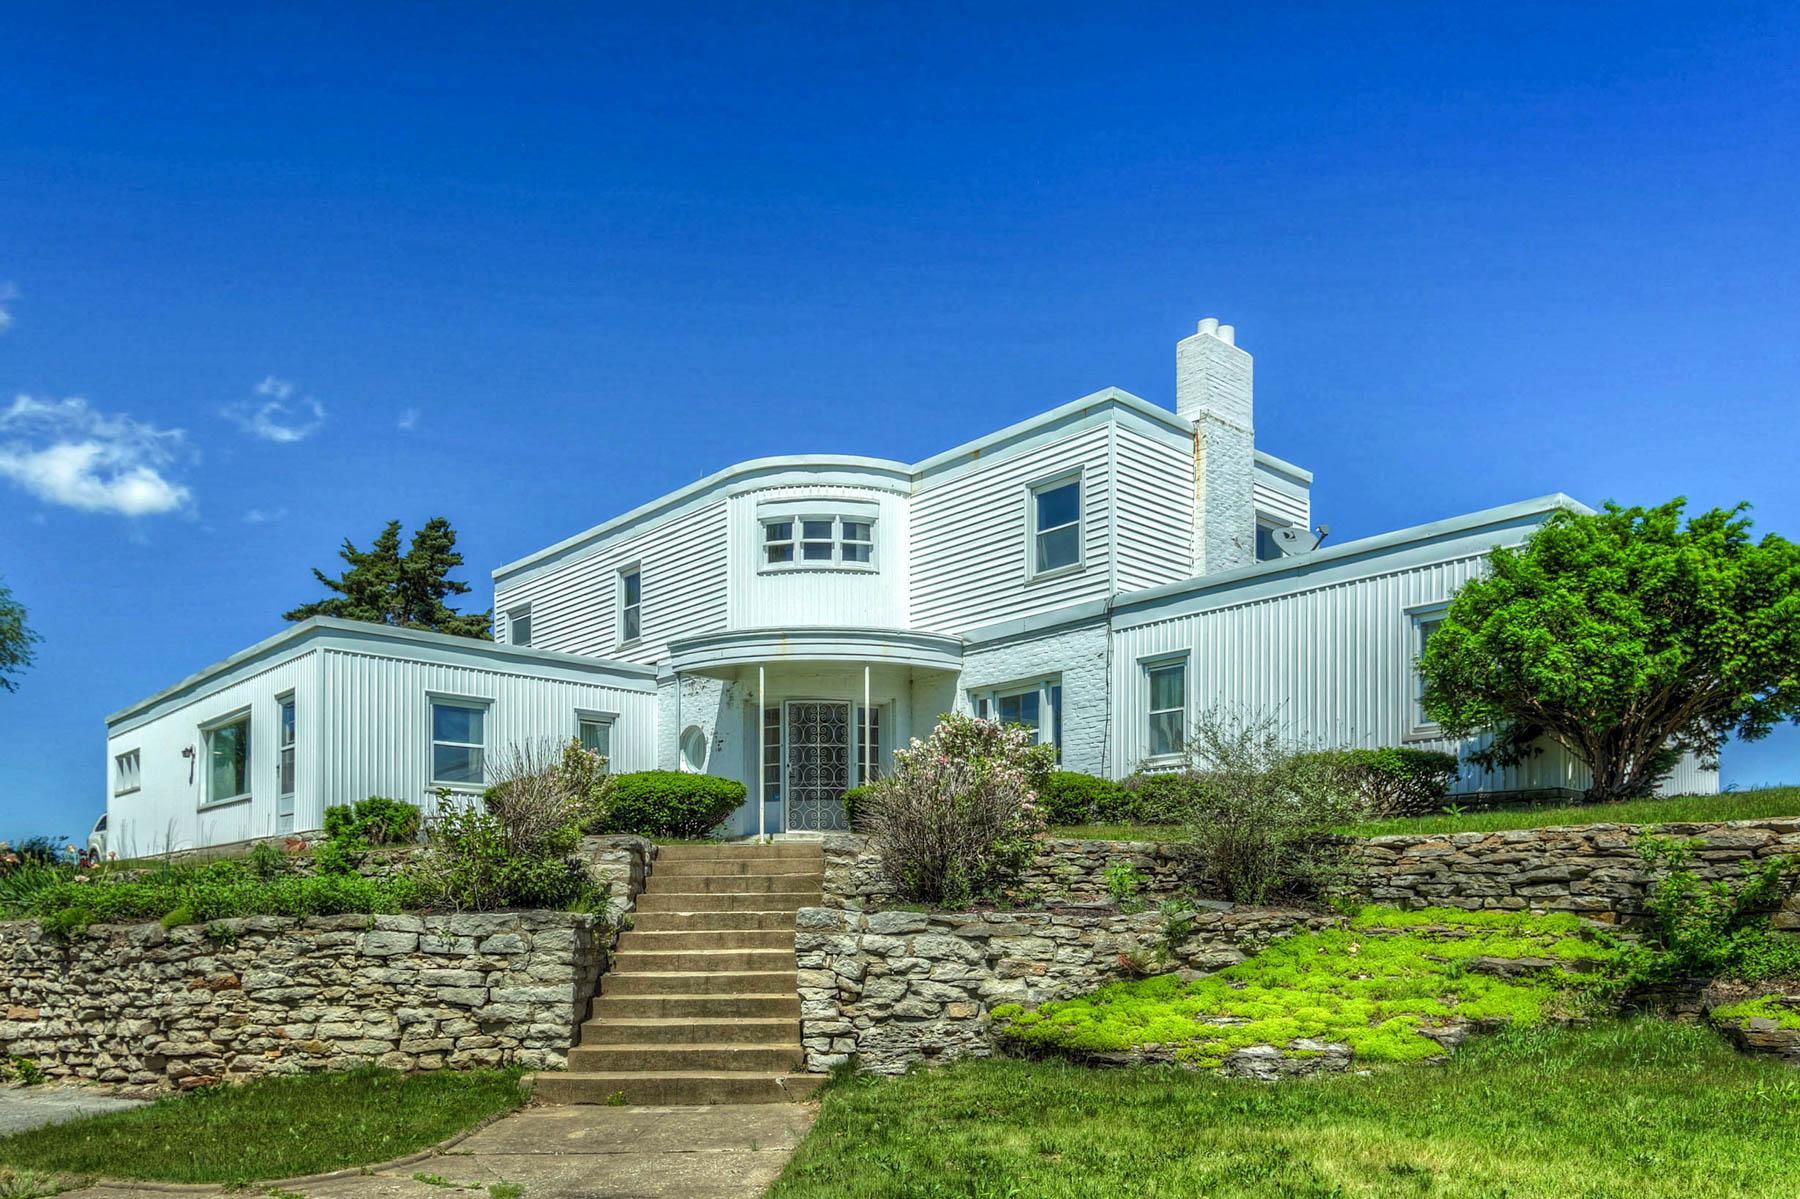 Nhà ở một gia đình vì Bán tại North 3rd 1000 North 3rd Louisiana, Missouri 63353 Hoa Kỳ